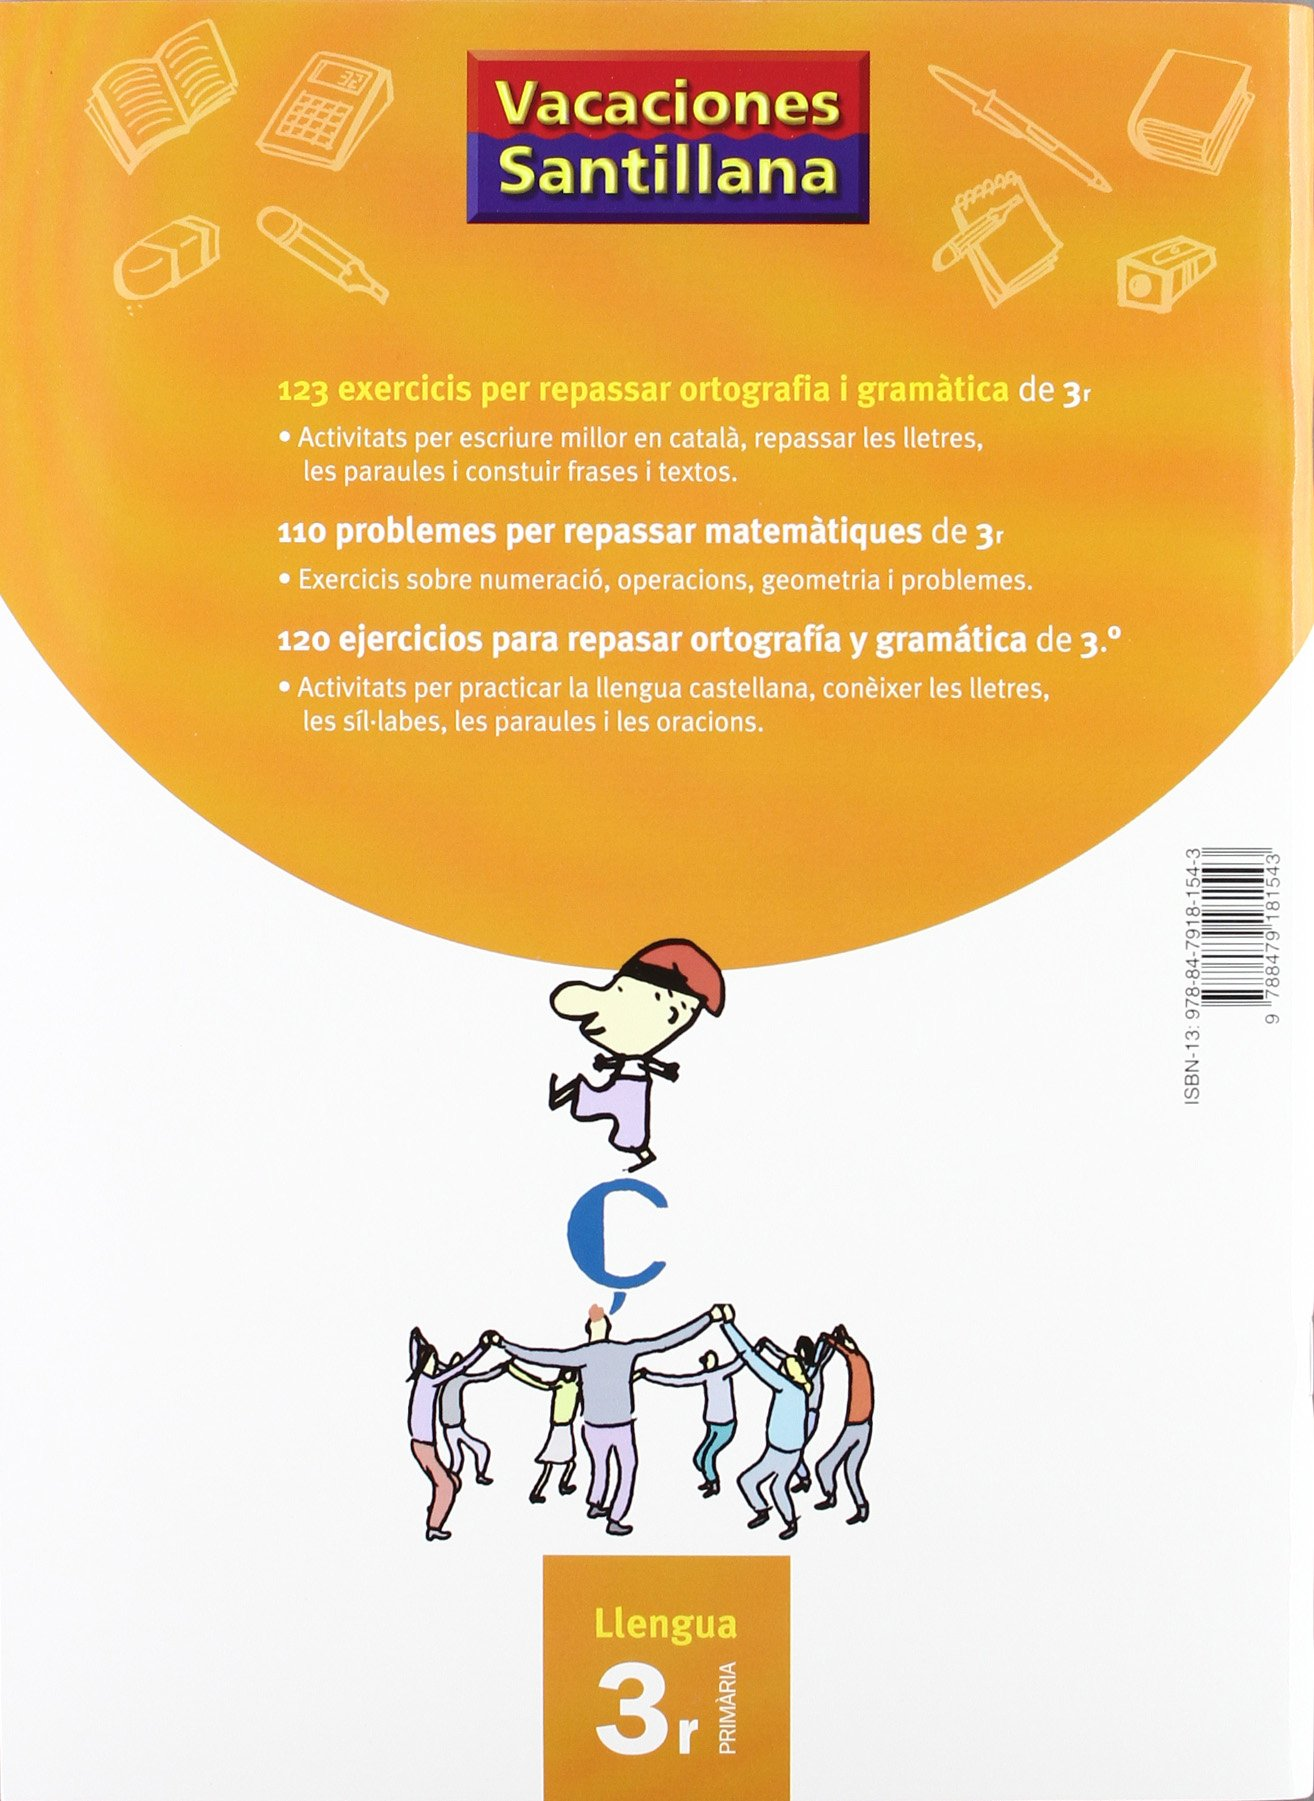 Vacaciónes Santillana 123 Exercicis Per Repasar Ortografía I Gramatica  Llengua 3R PriMaríacatalan Grup Promator - 9788479181543: Amazon.es:  Desconocido: ...